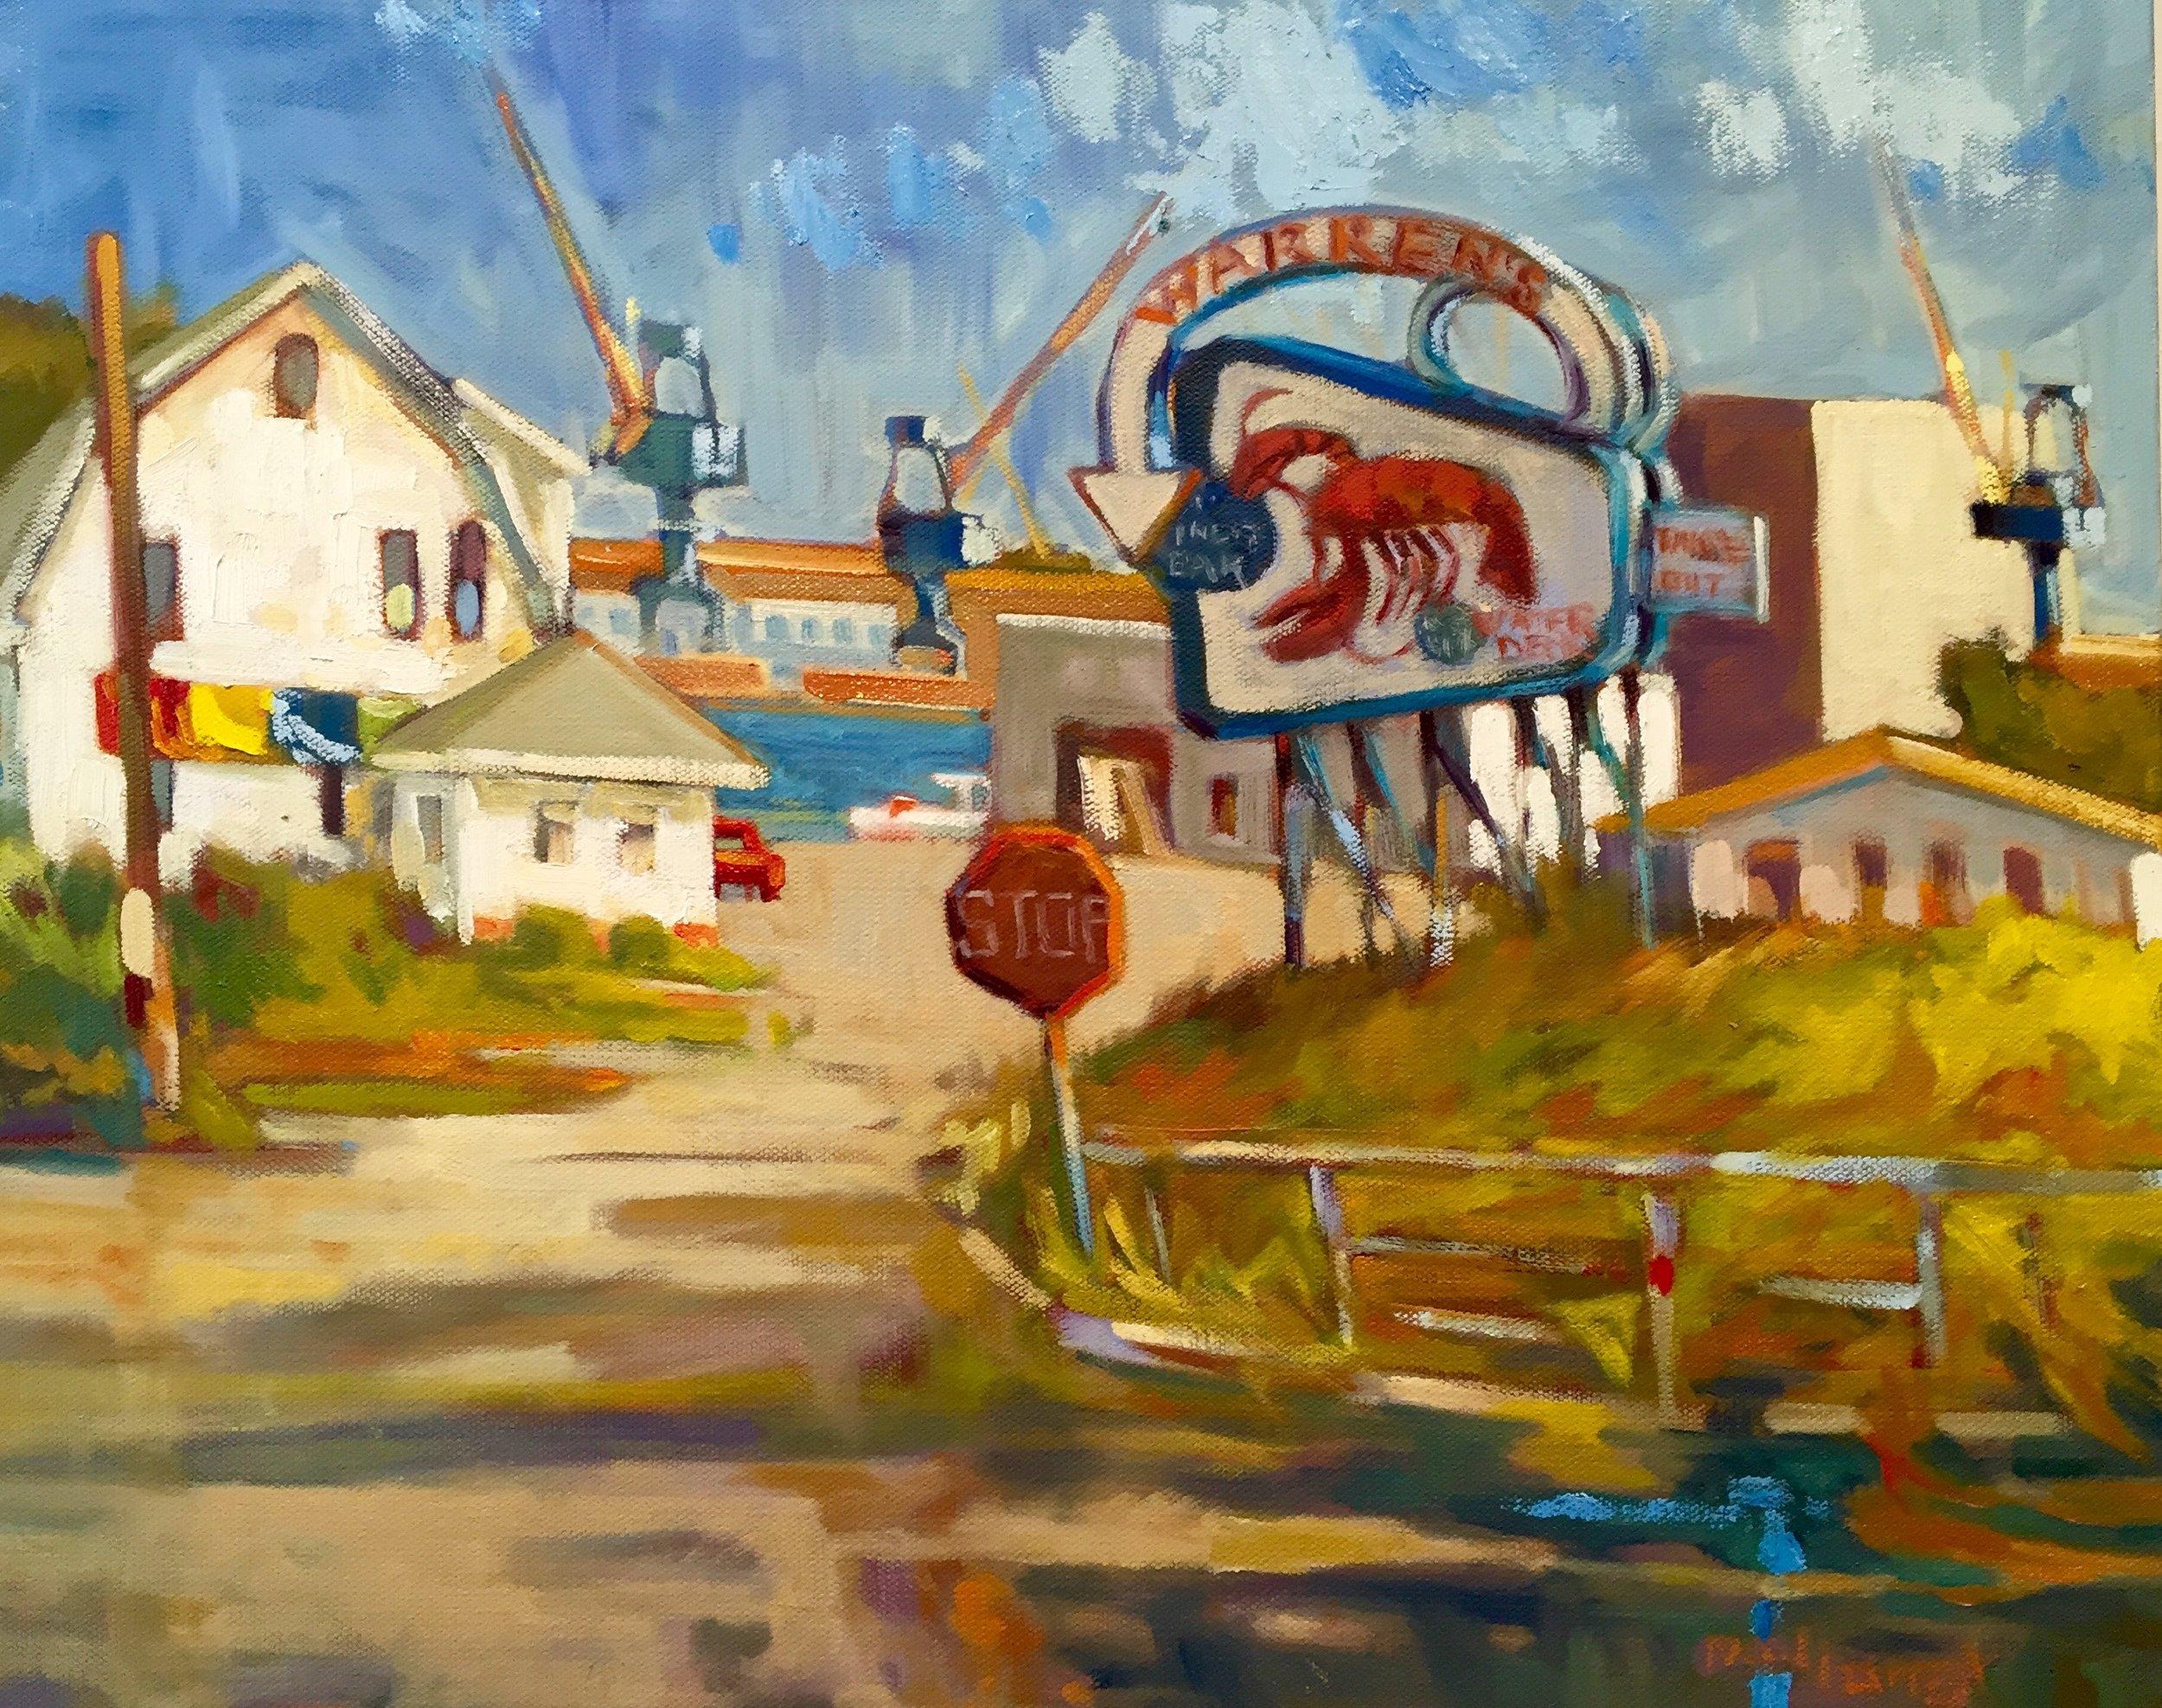 Stop at Warren's, oils, 16 x 20